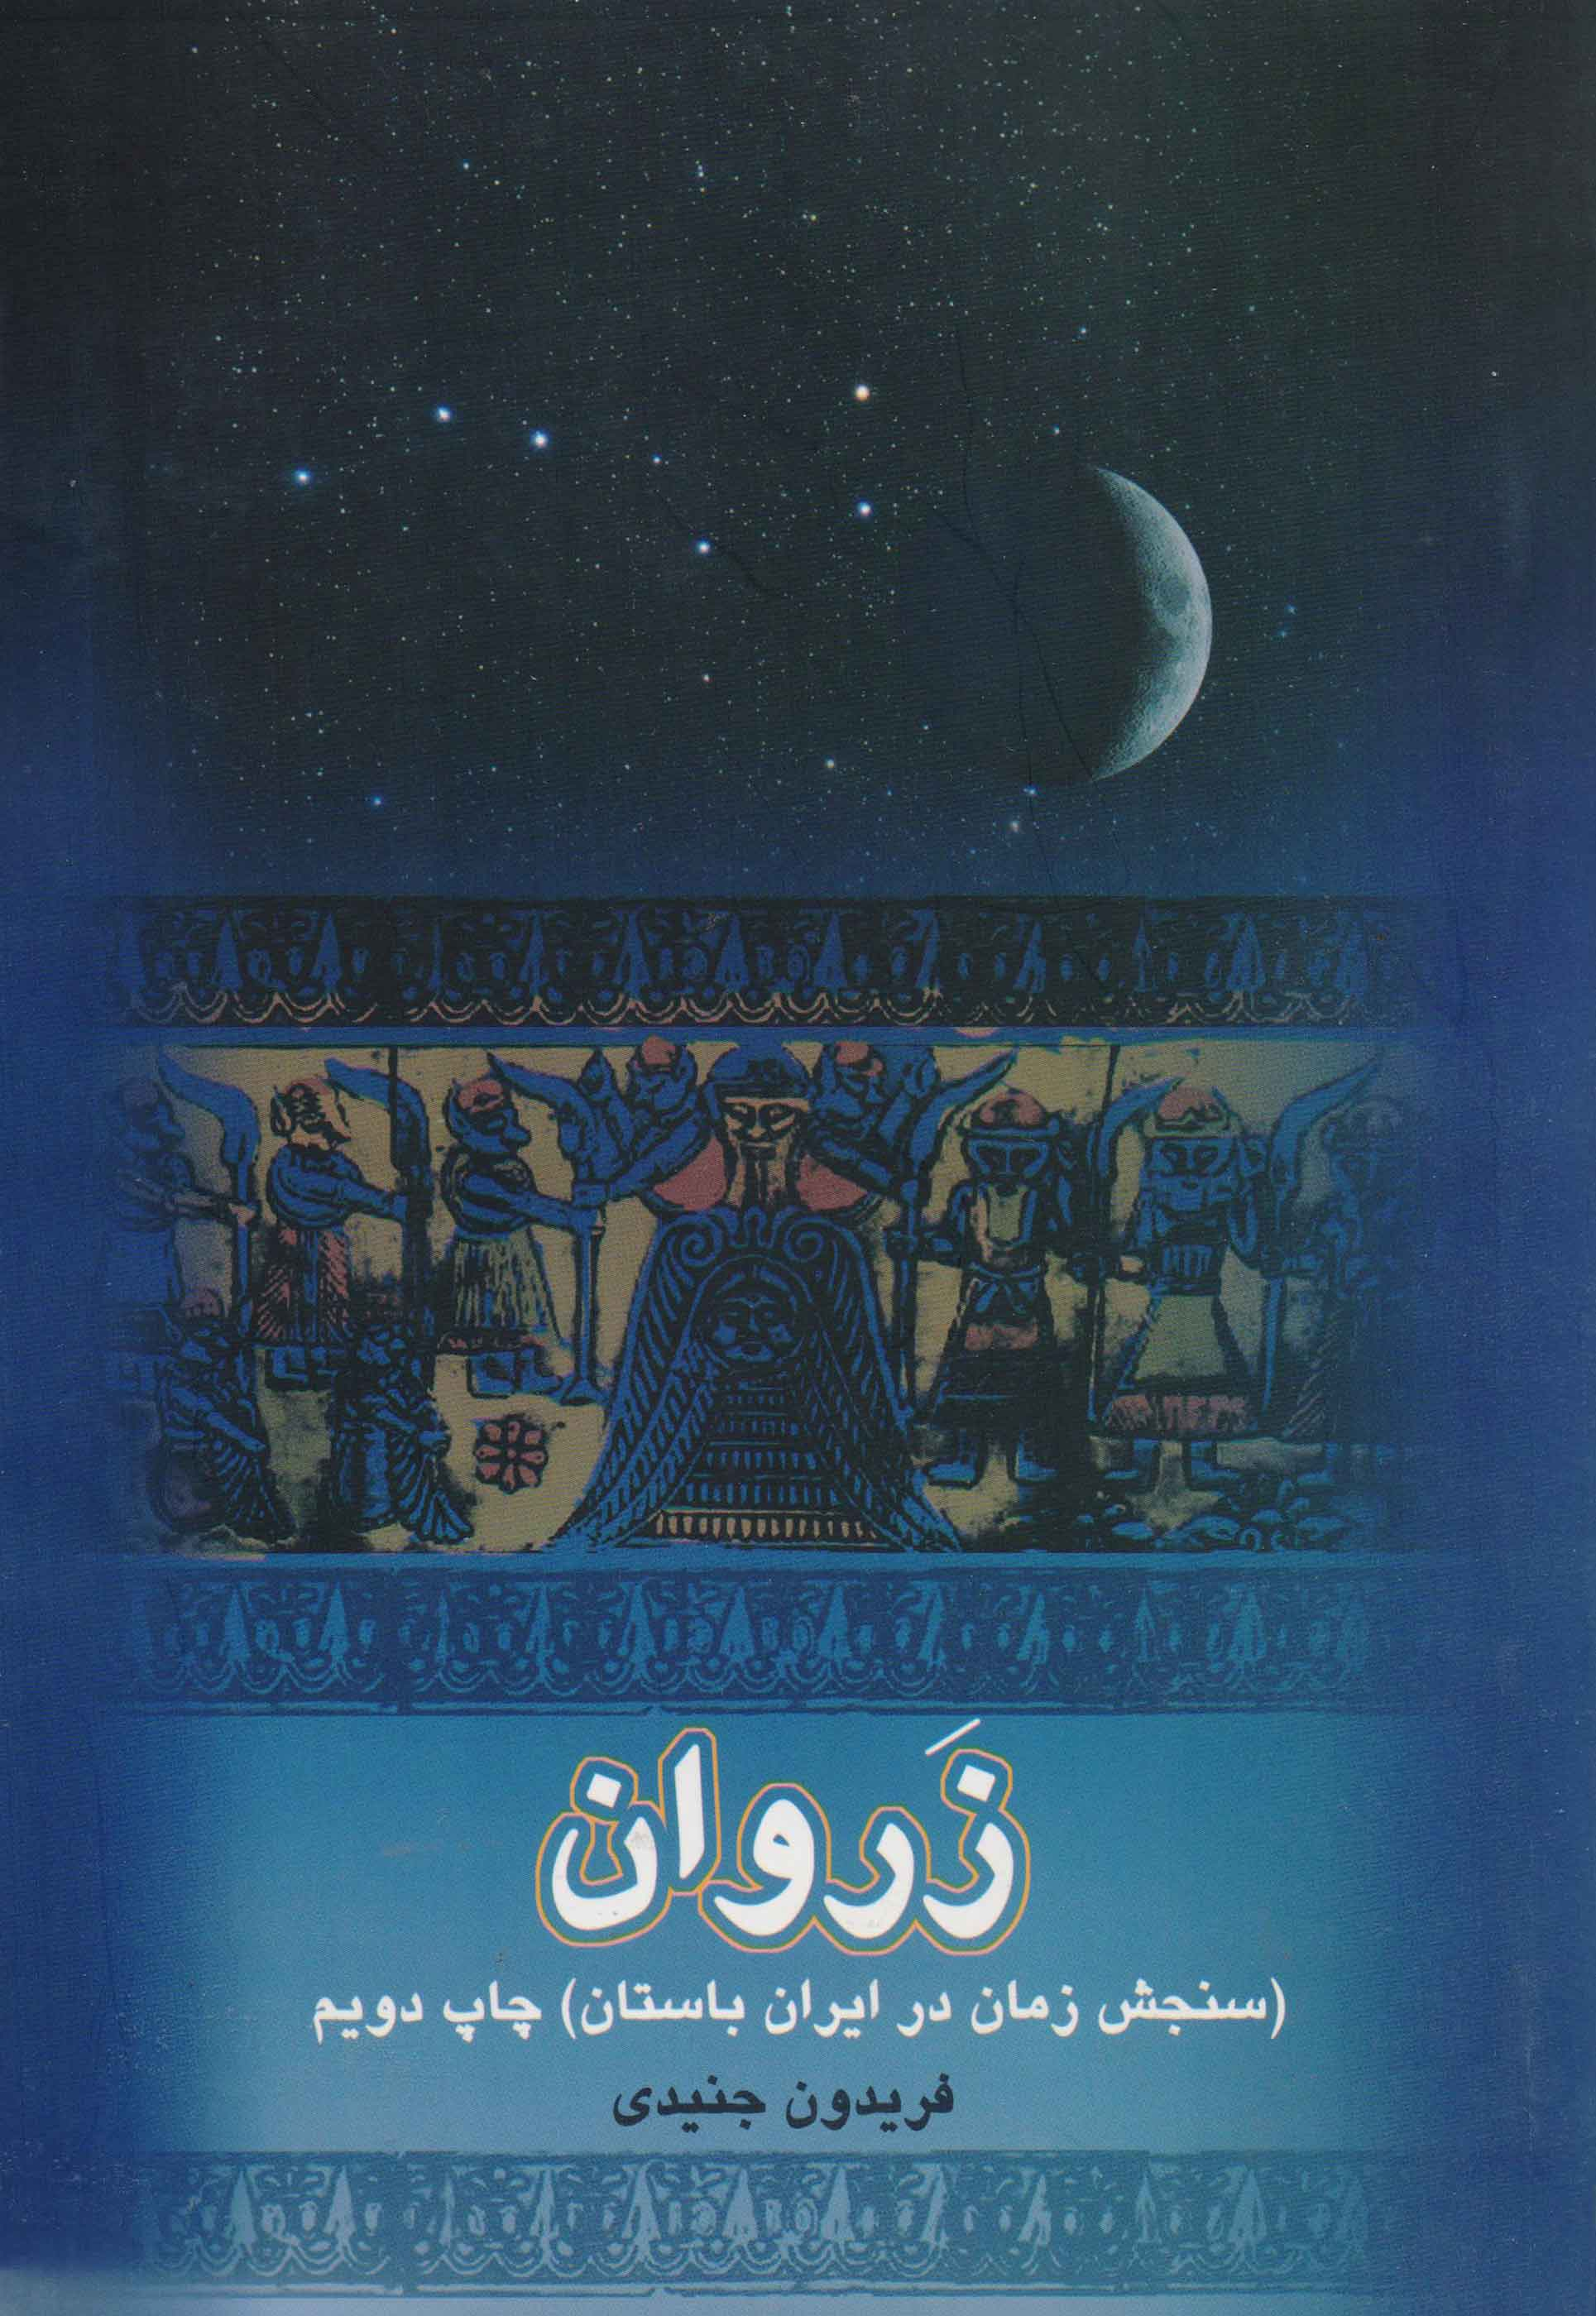 کتاب زروان - سنجش زمان در ایران باستان